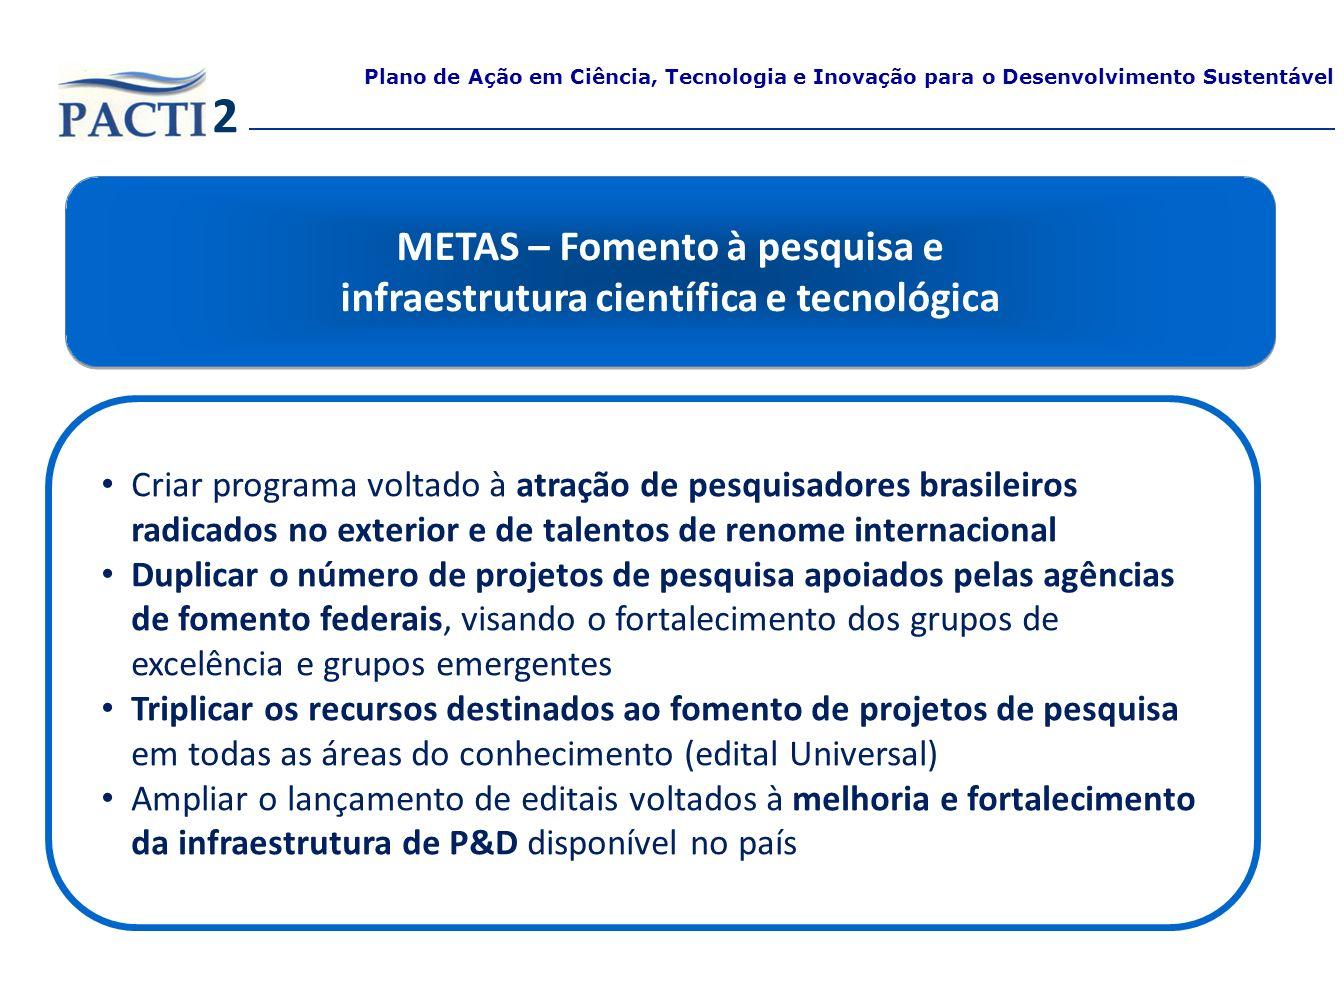 METAS – Fomento à pesquisa e infraestrutura científica e tecnológica METAS – Fomento à pesquisa e infraestrutura científica e tecnológica Criar progra